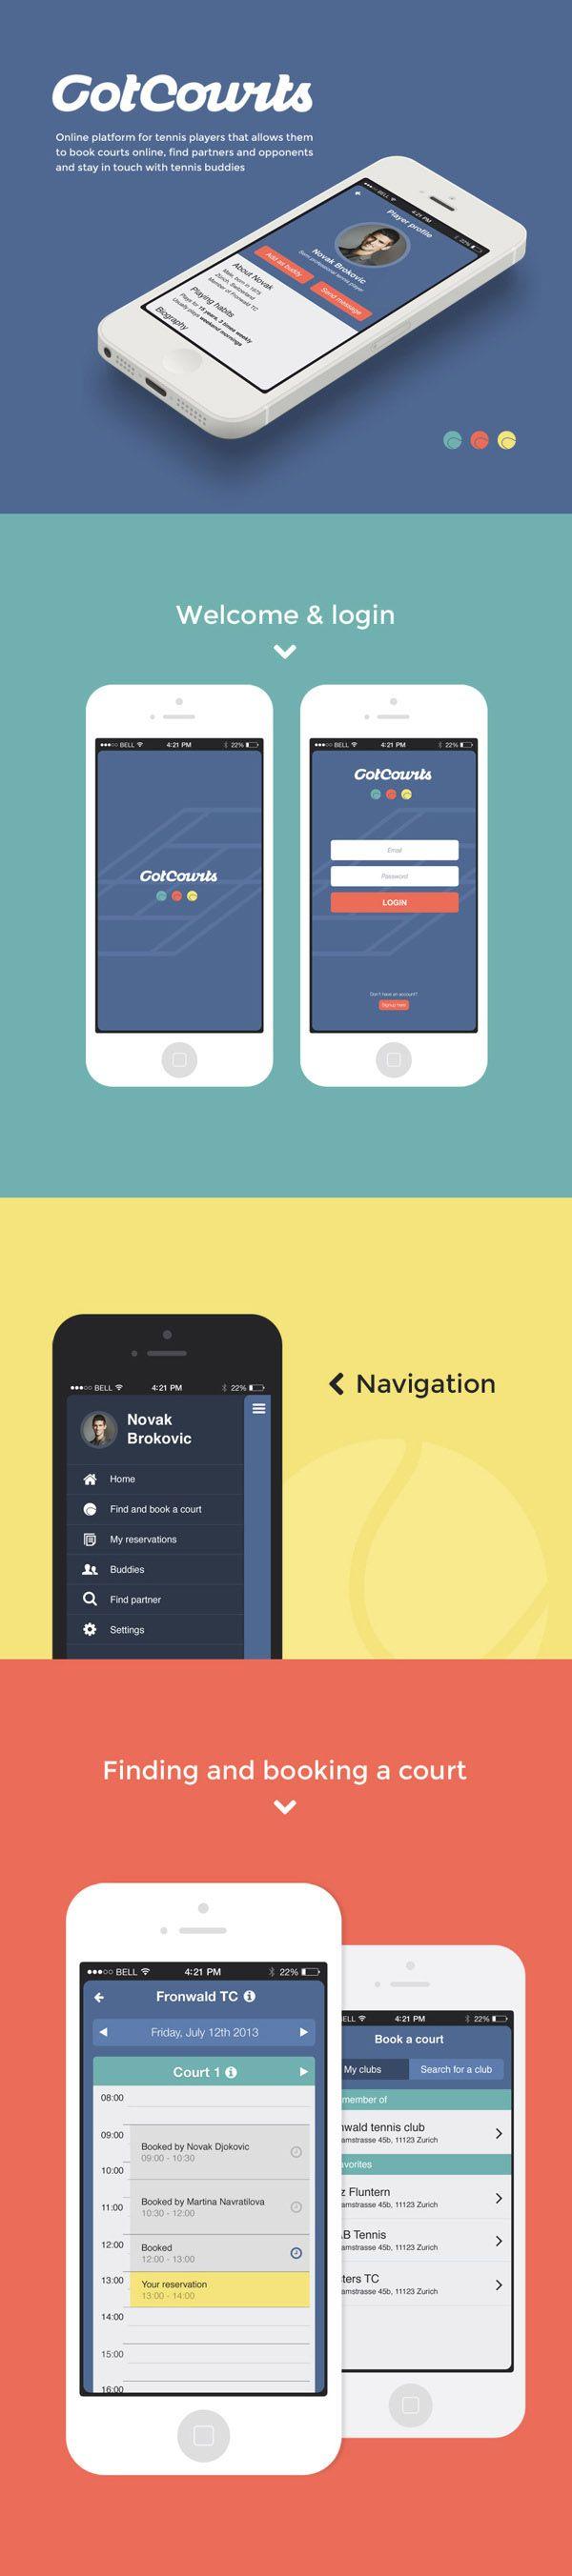 Mobile UI Design Inspiration #3